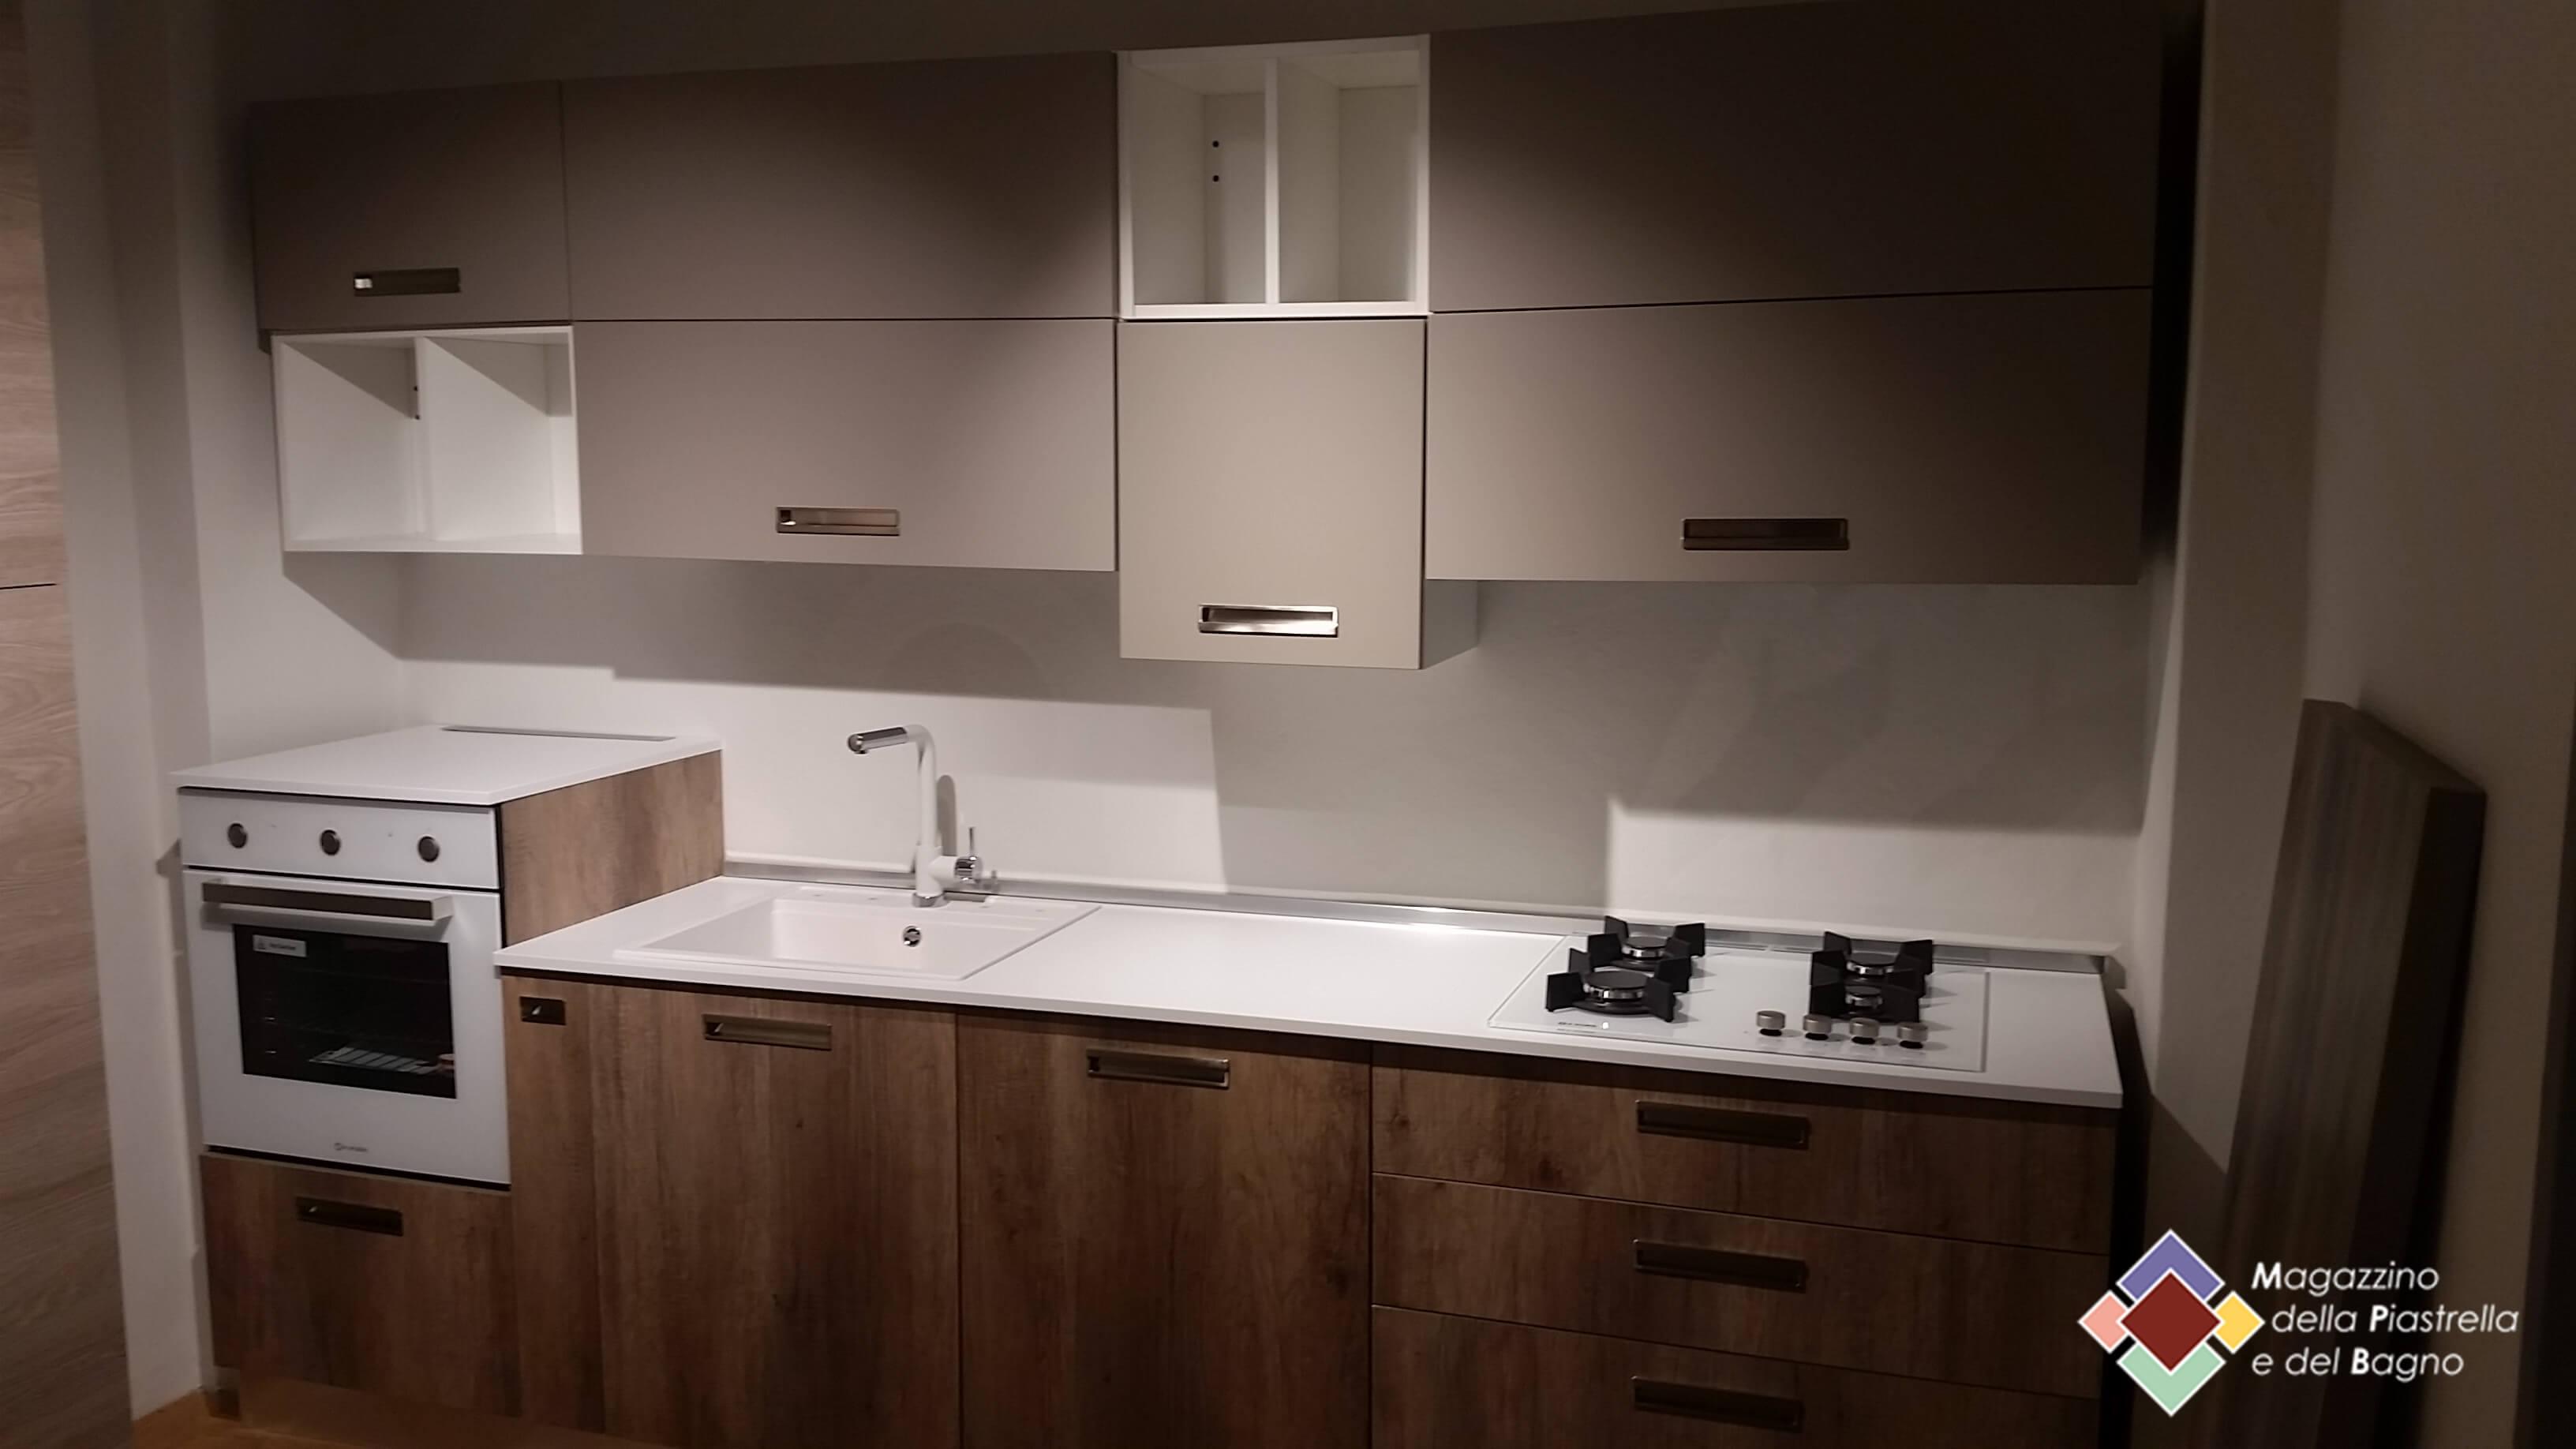 Soluzioni cucine u magazzino della piastrella e del bagnou c